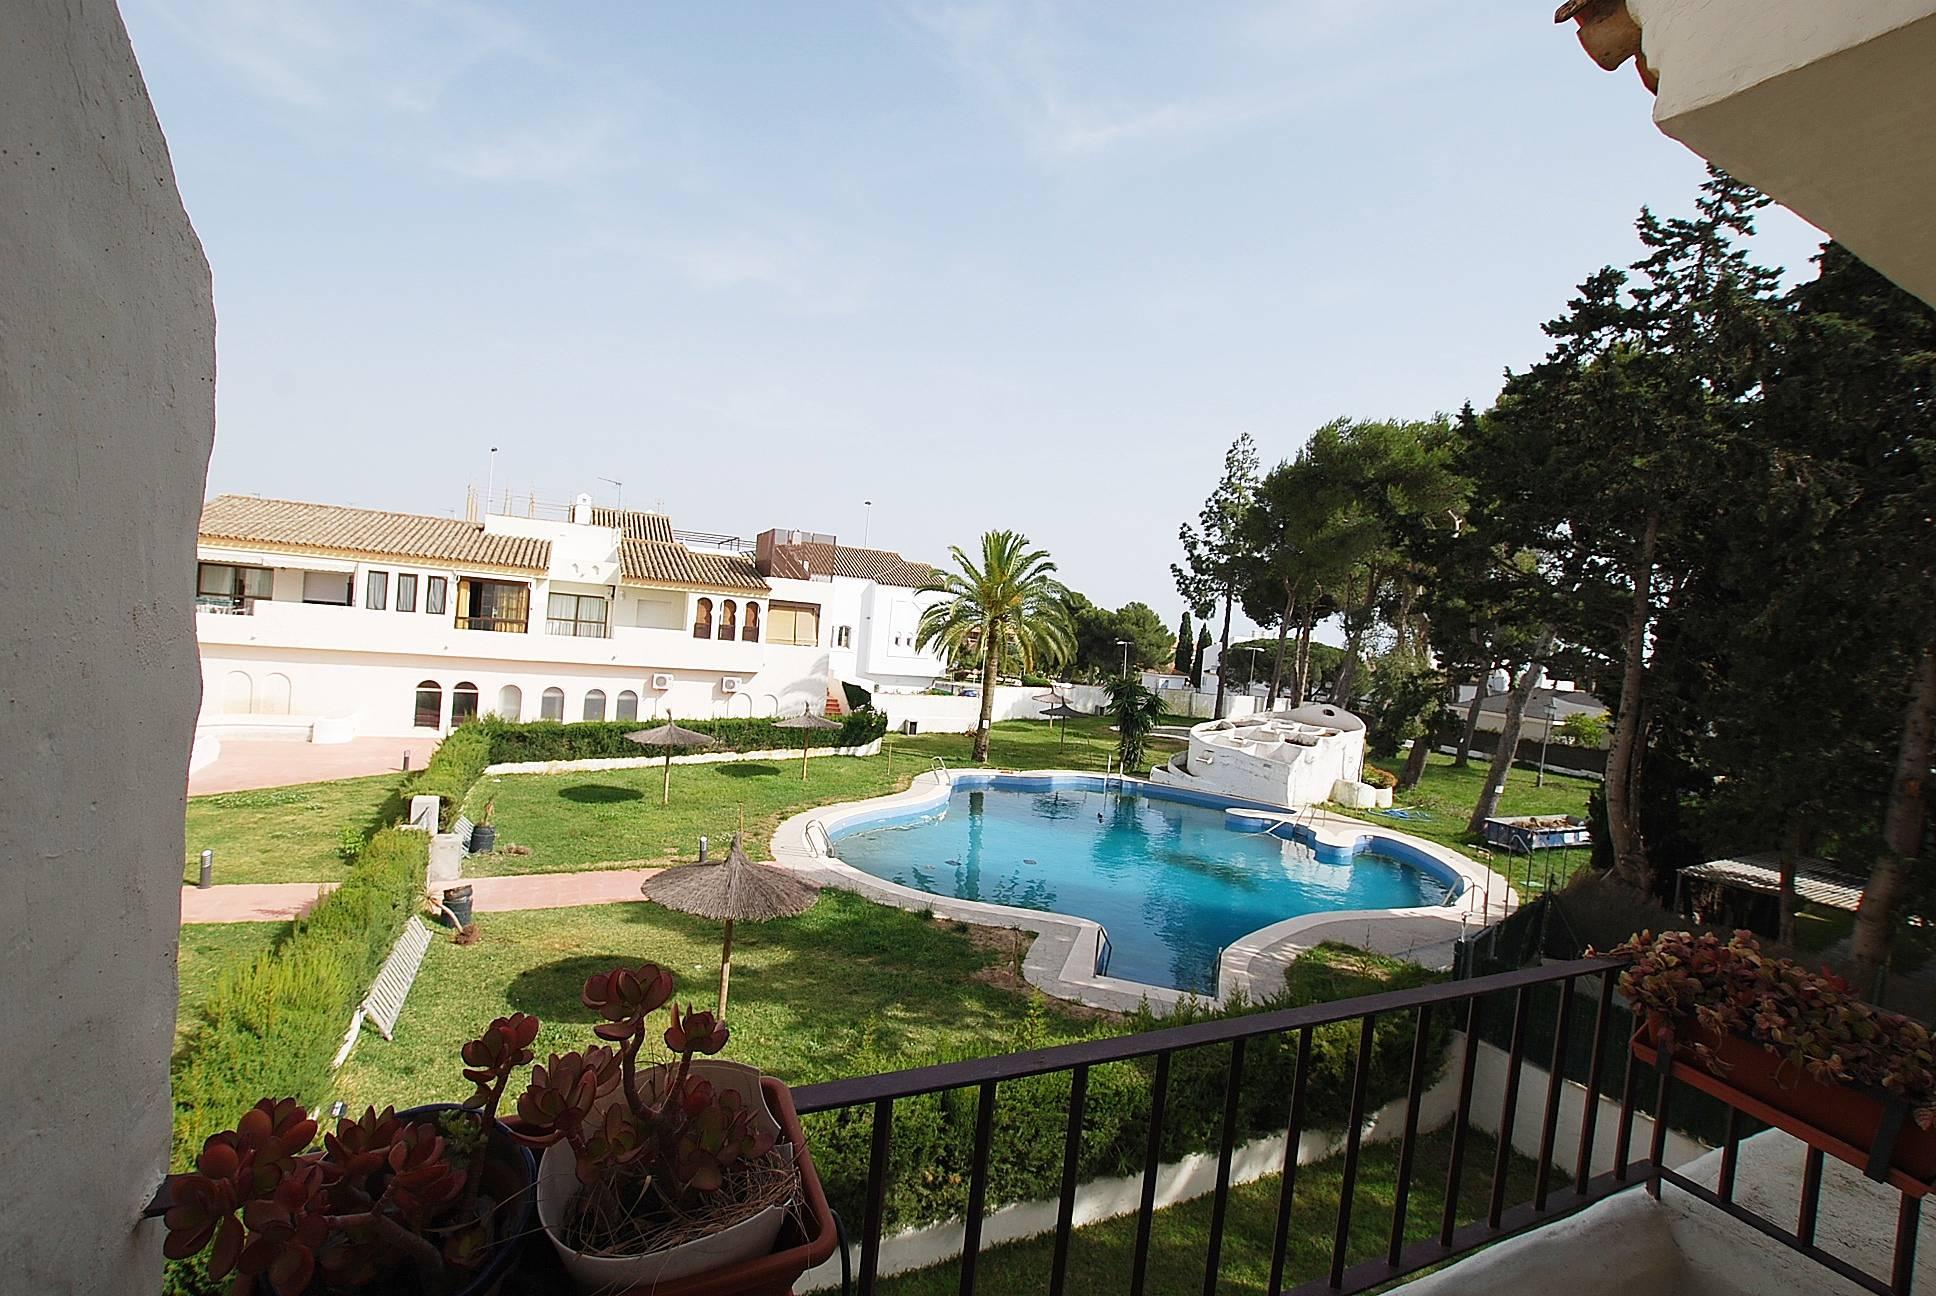 Apartamento con terraza y piscina vistahermosa el puerto de santa mar a c diz costa de la luz - Apartamento en el puerto de santa maria ...